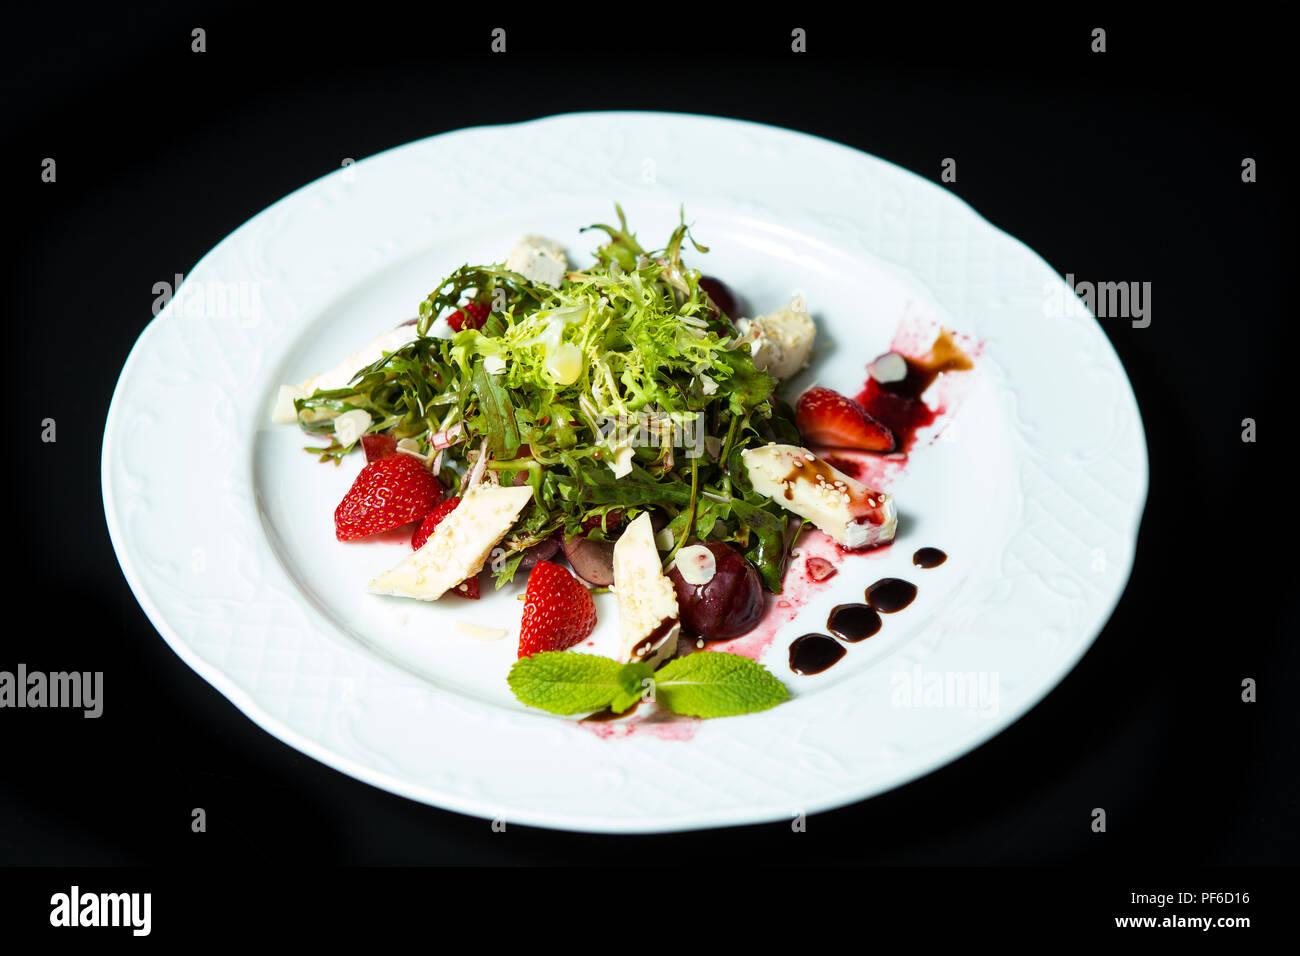 Ensalada con cereza, fresa y queso en un plato grande blanca sobre un fondo negro Foto de stock